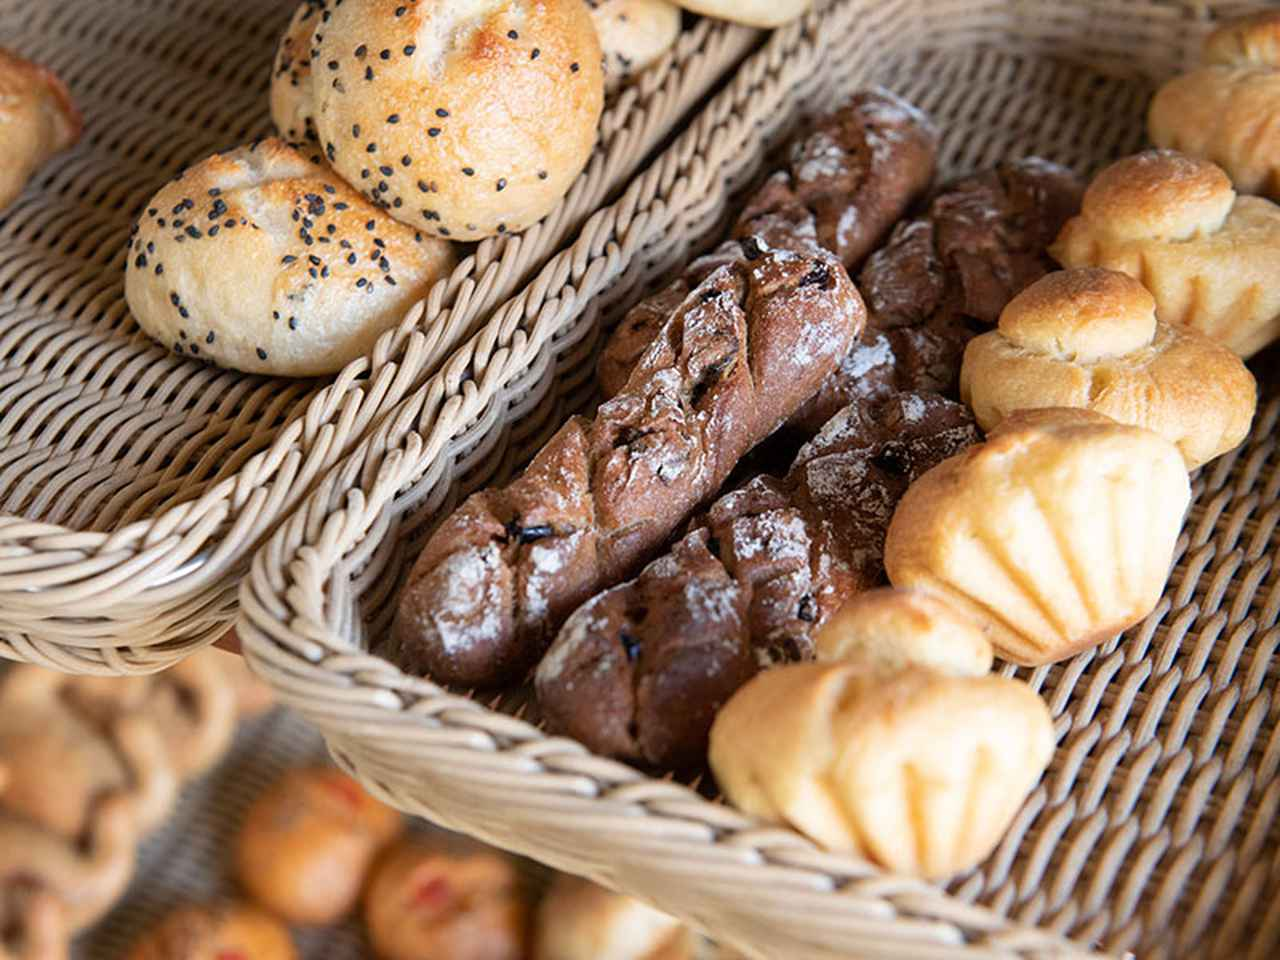 画像: マールツァイトのパンは子どもにも人気。「硬めのパンが多いのに、ちっちゃい子も意外とおいしさをわかってくれて」とうれしそう